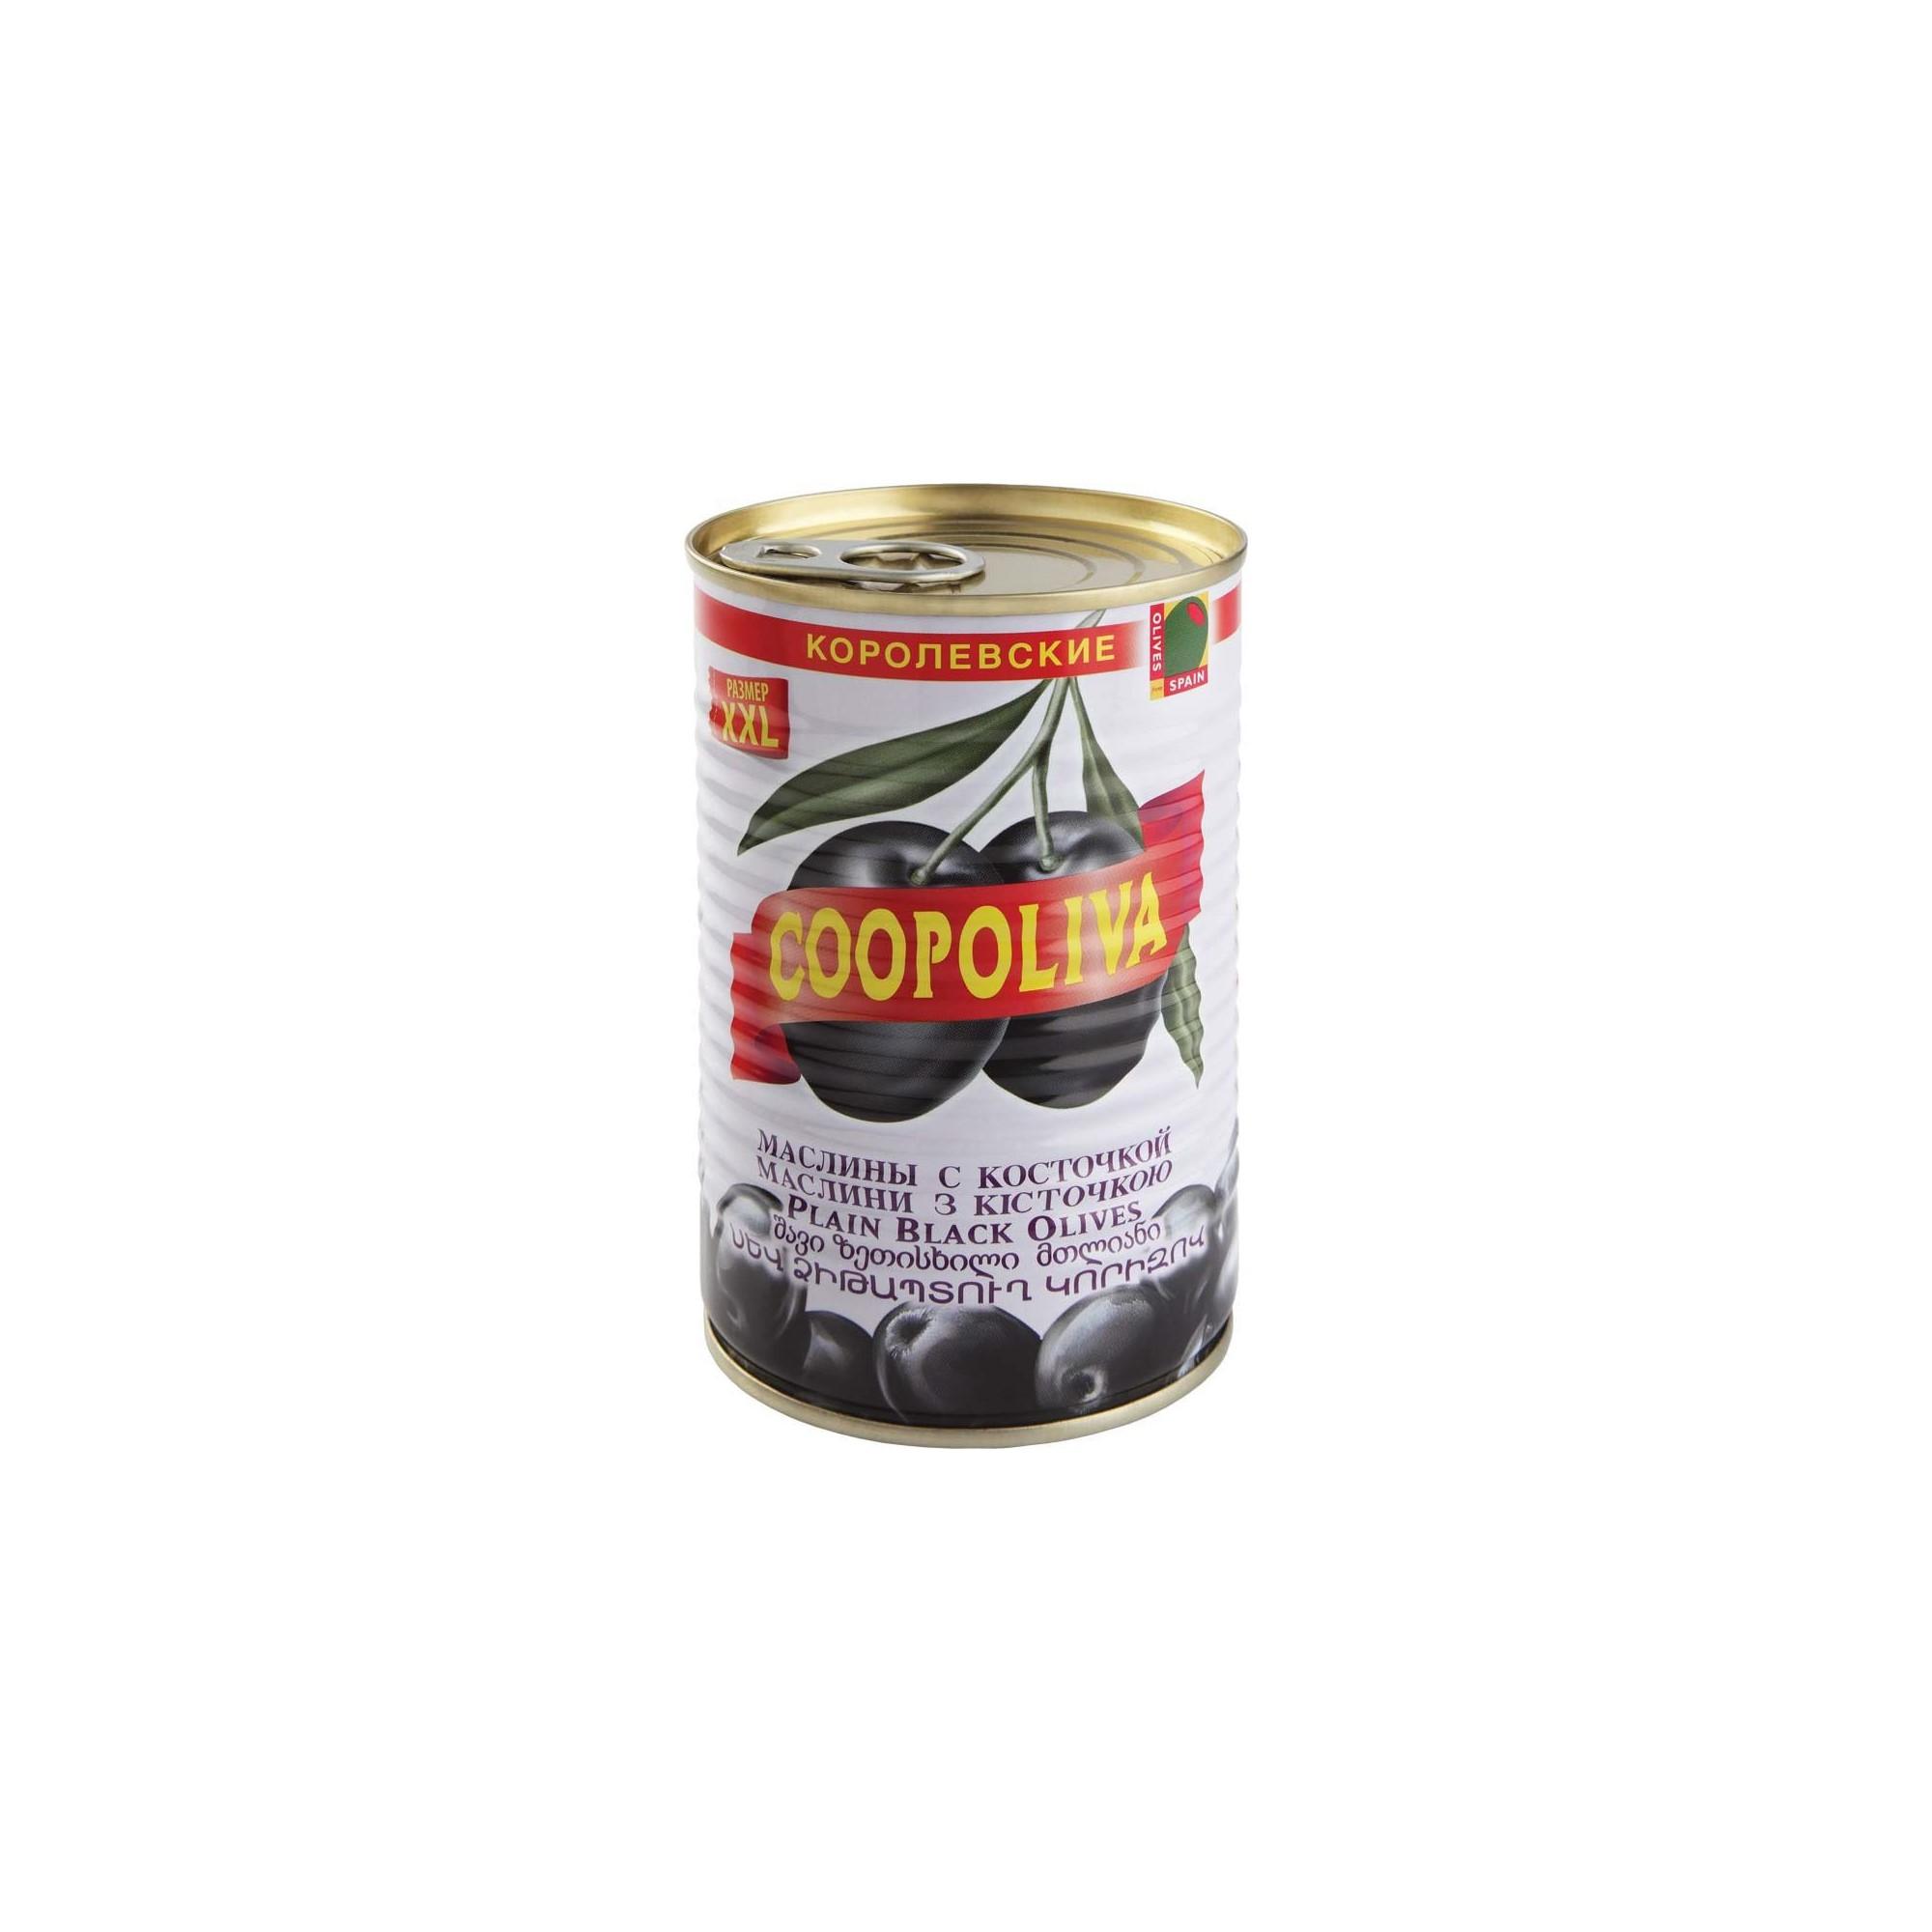 Маслины Coopoliva королевские с косточкой 405 г itlv маслины super с косточкой